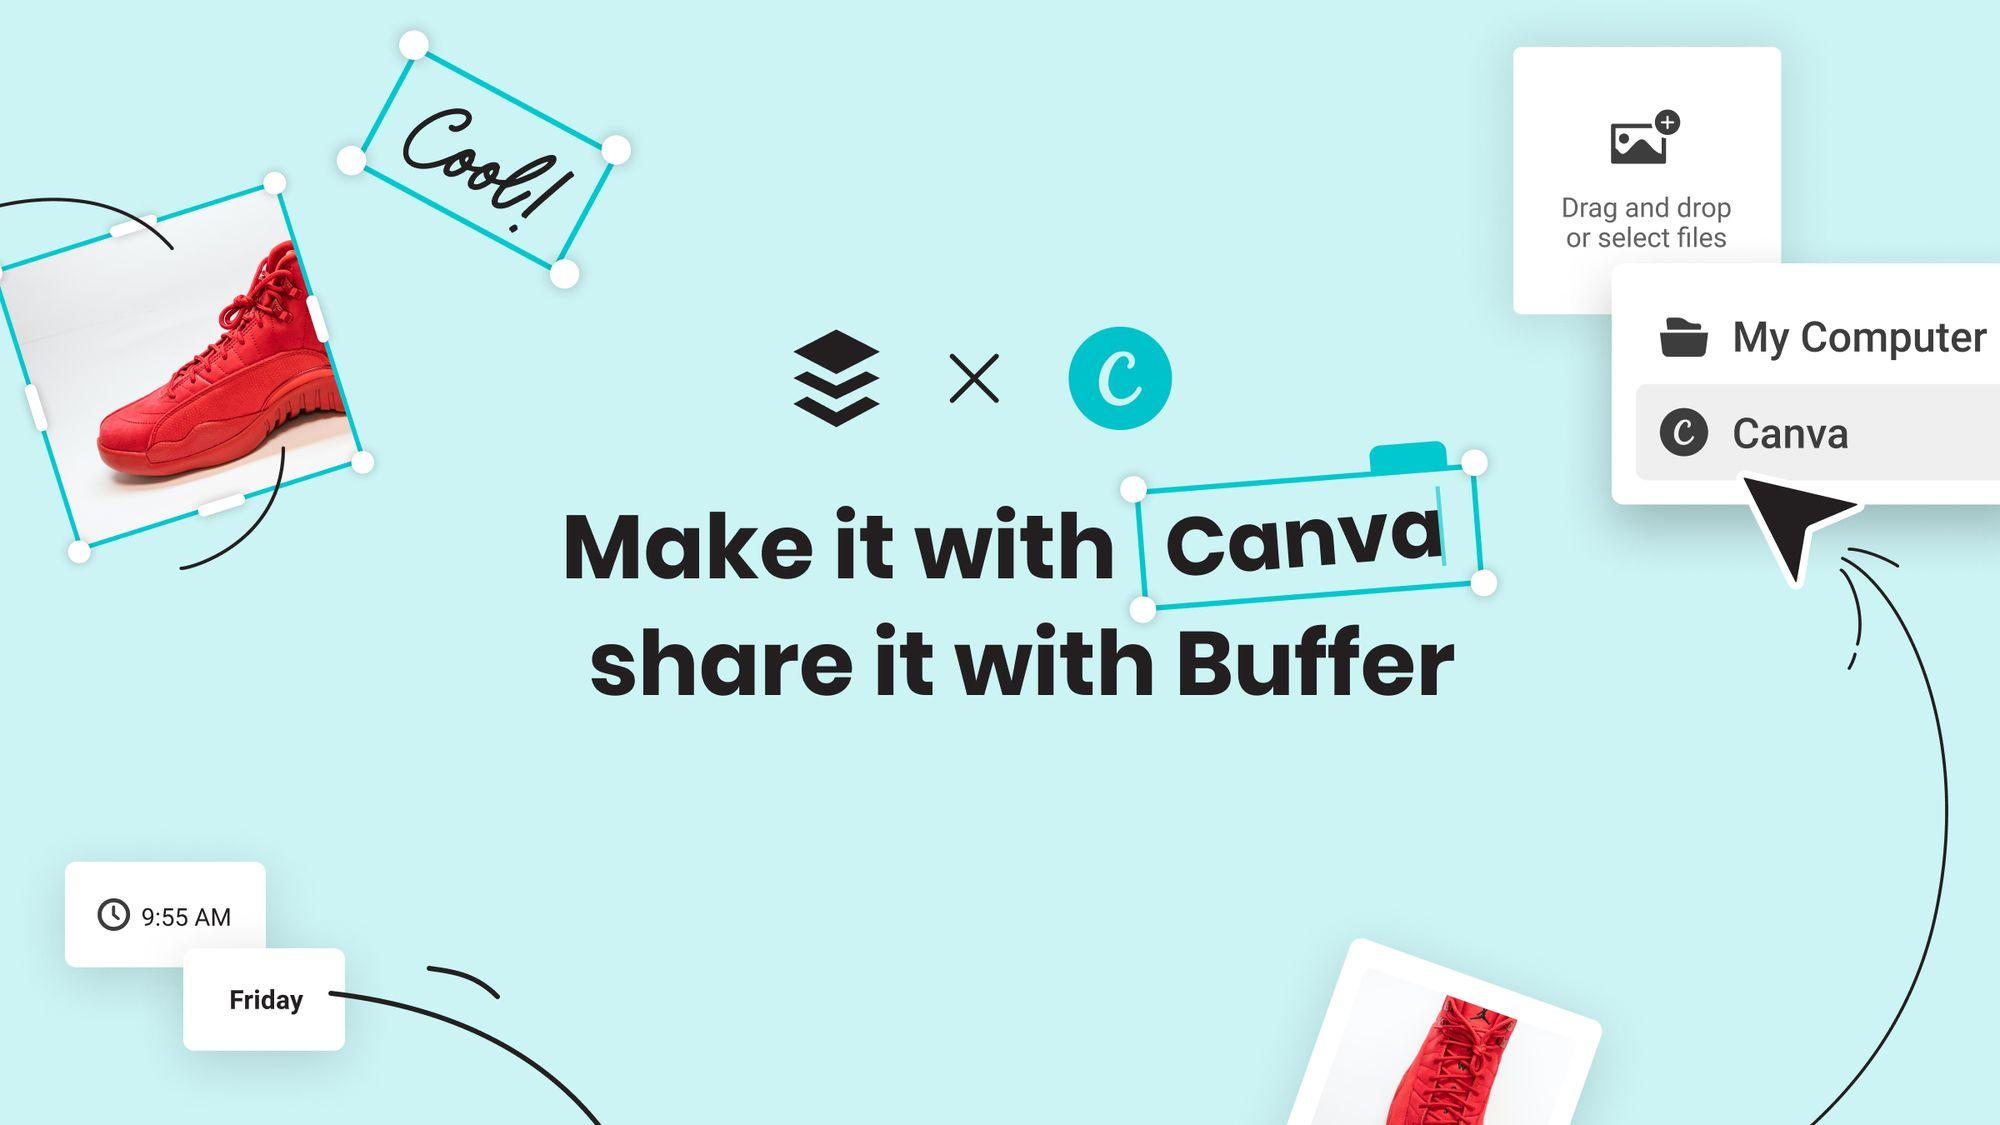 Maak kennis met onze Canva-integratie: ontwerp en deel onmiddellijk visuele inhoud